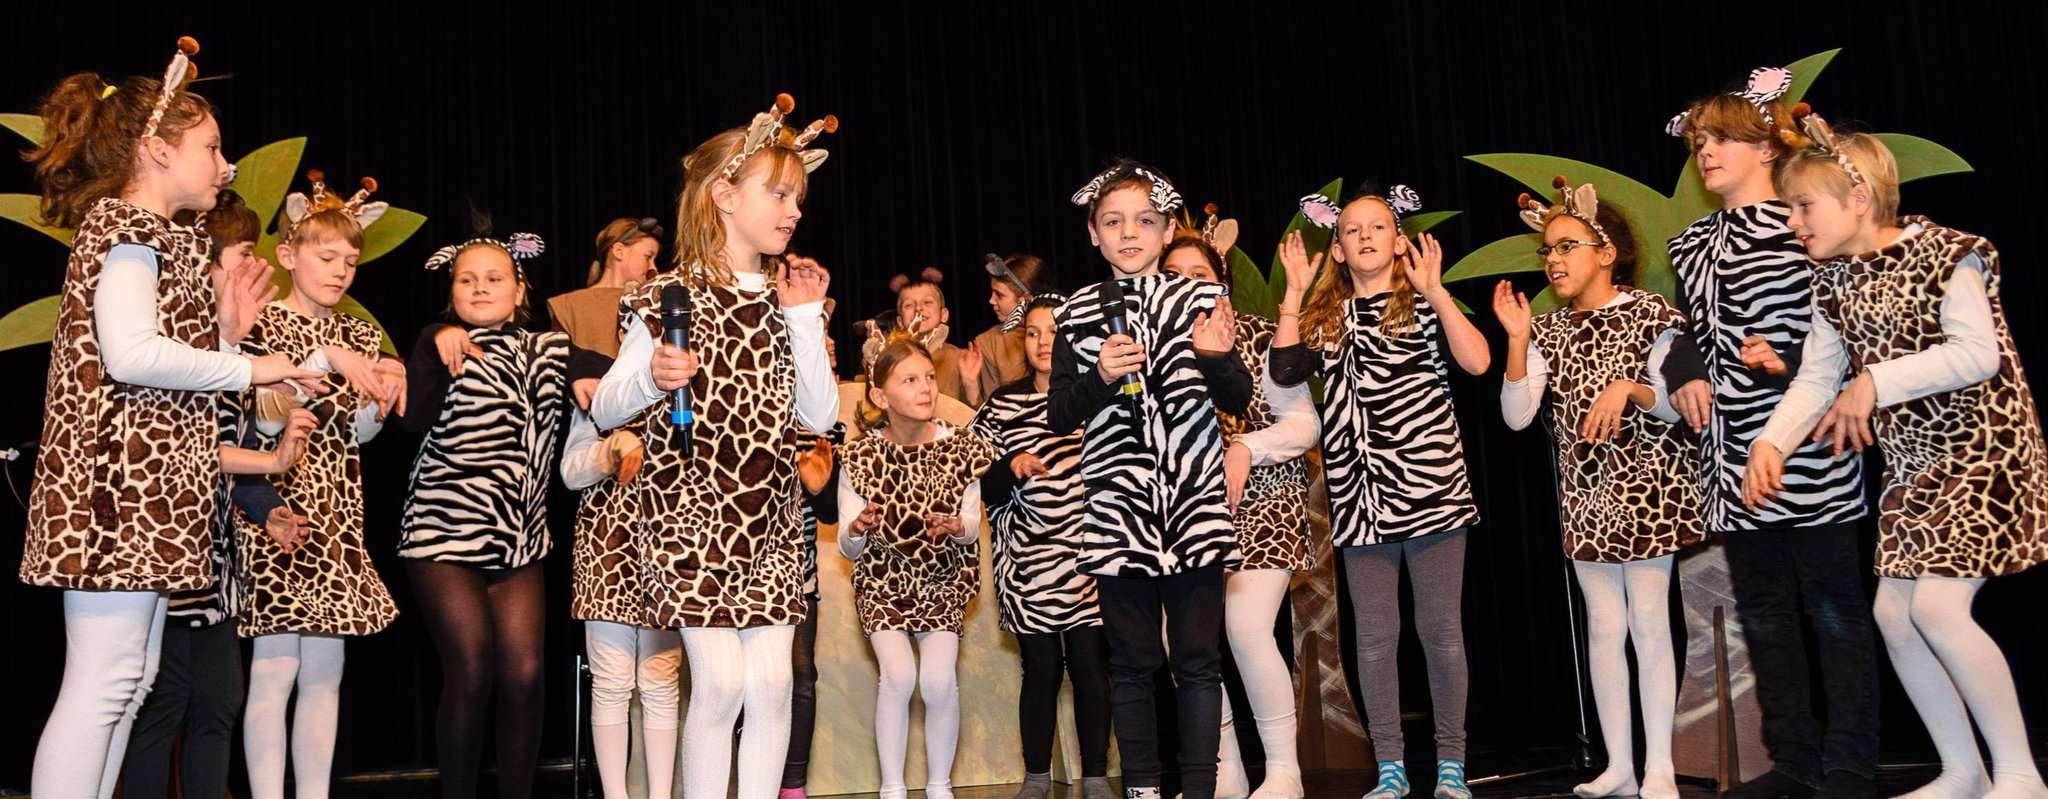 Die jungen Darsteller aus der afrikanischen Savanne überzeugten das Publikum mit großem Können. Foto: Klaus-Dieter Plage